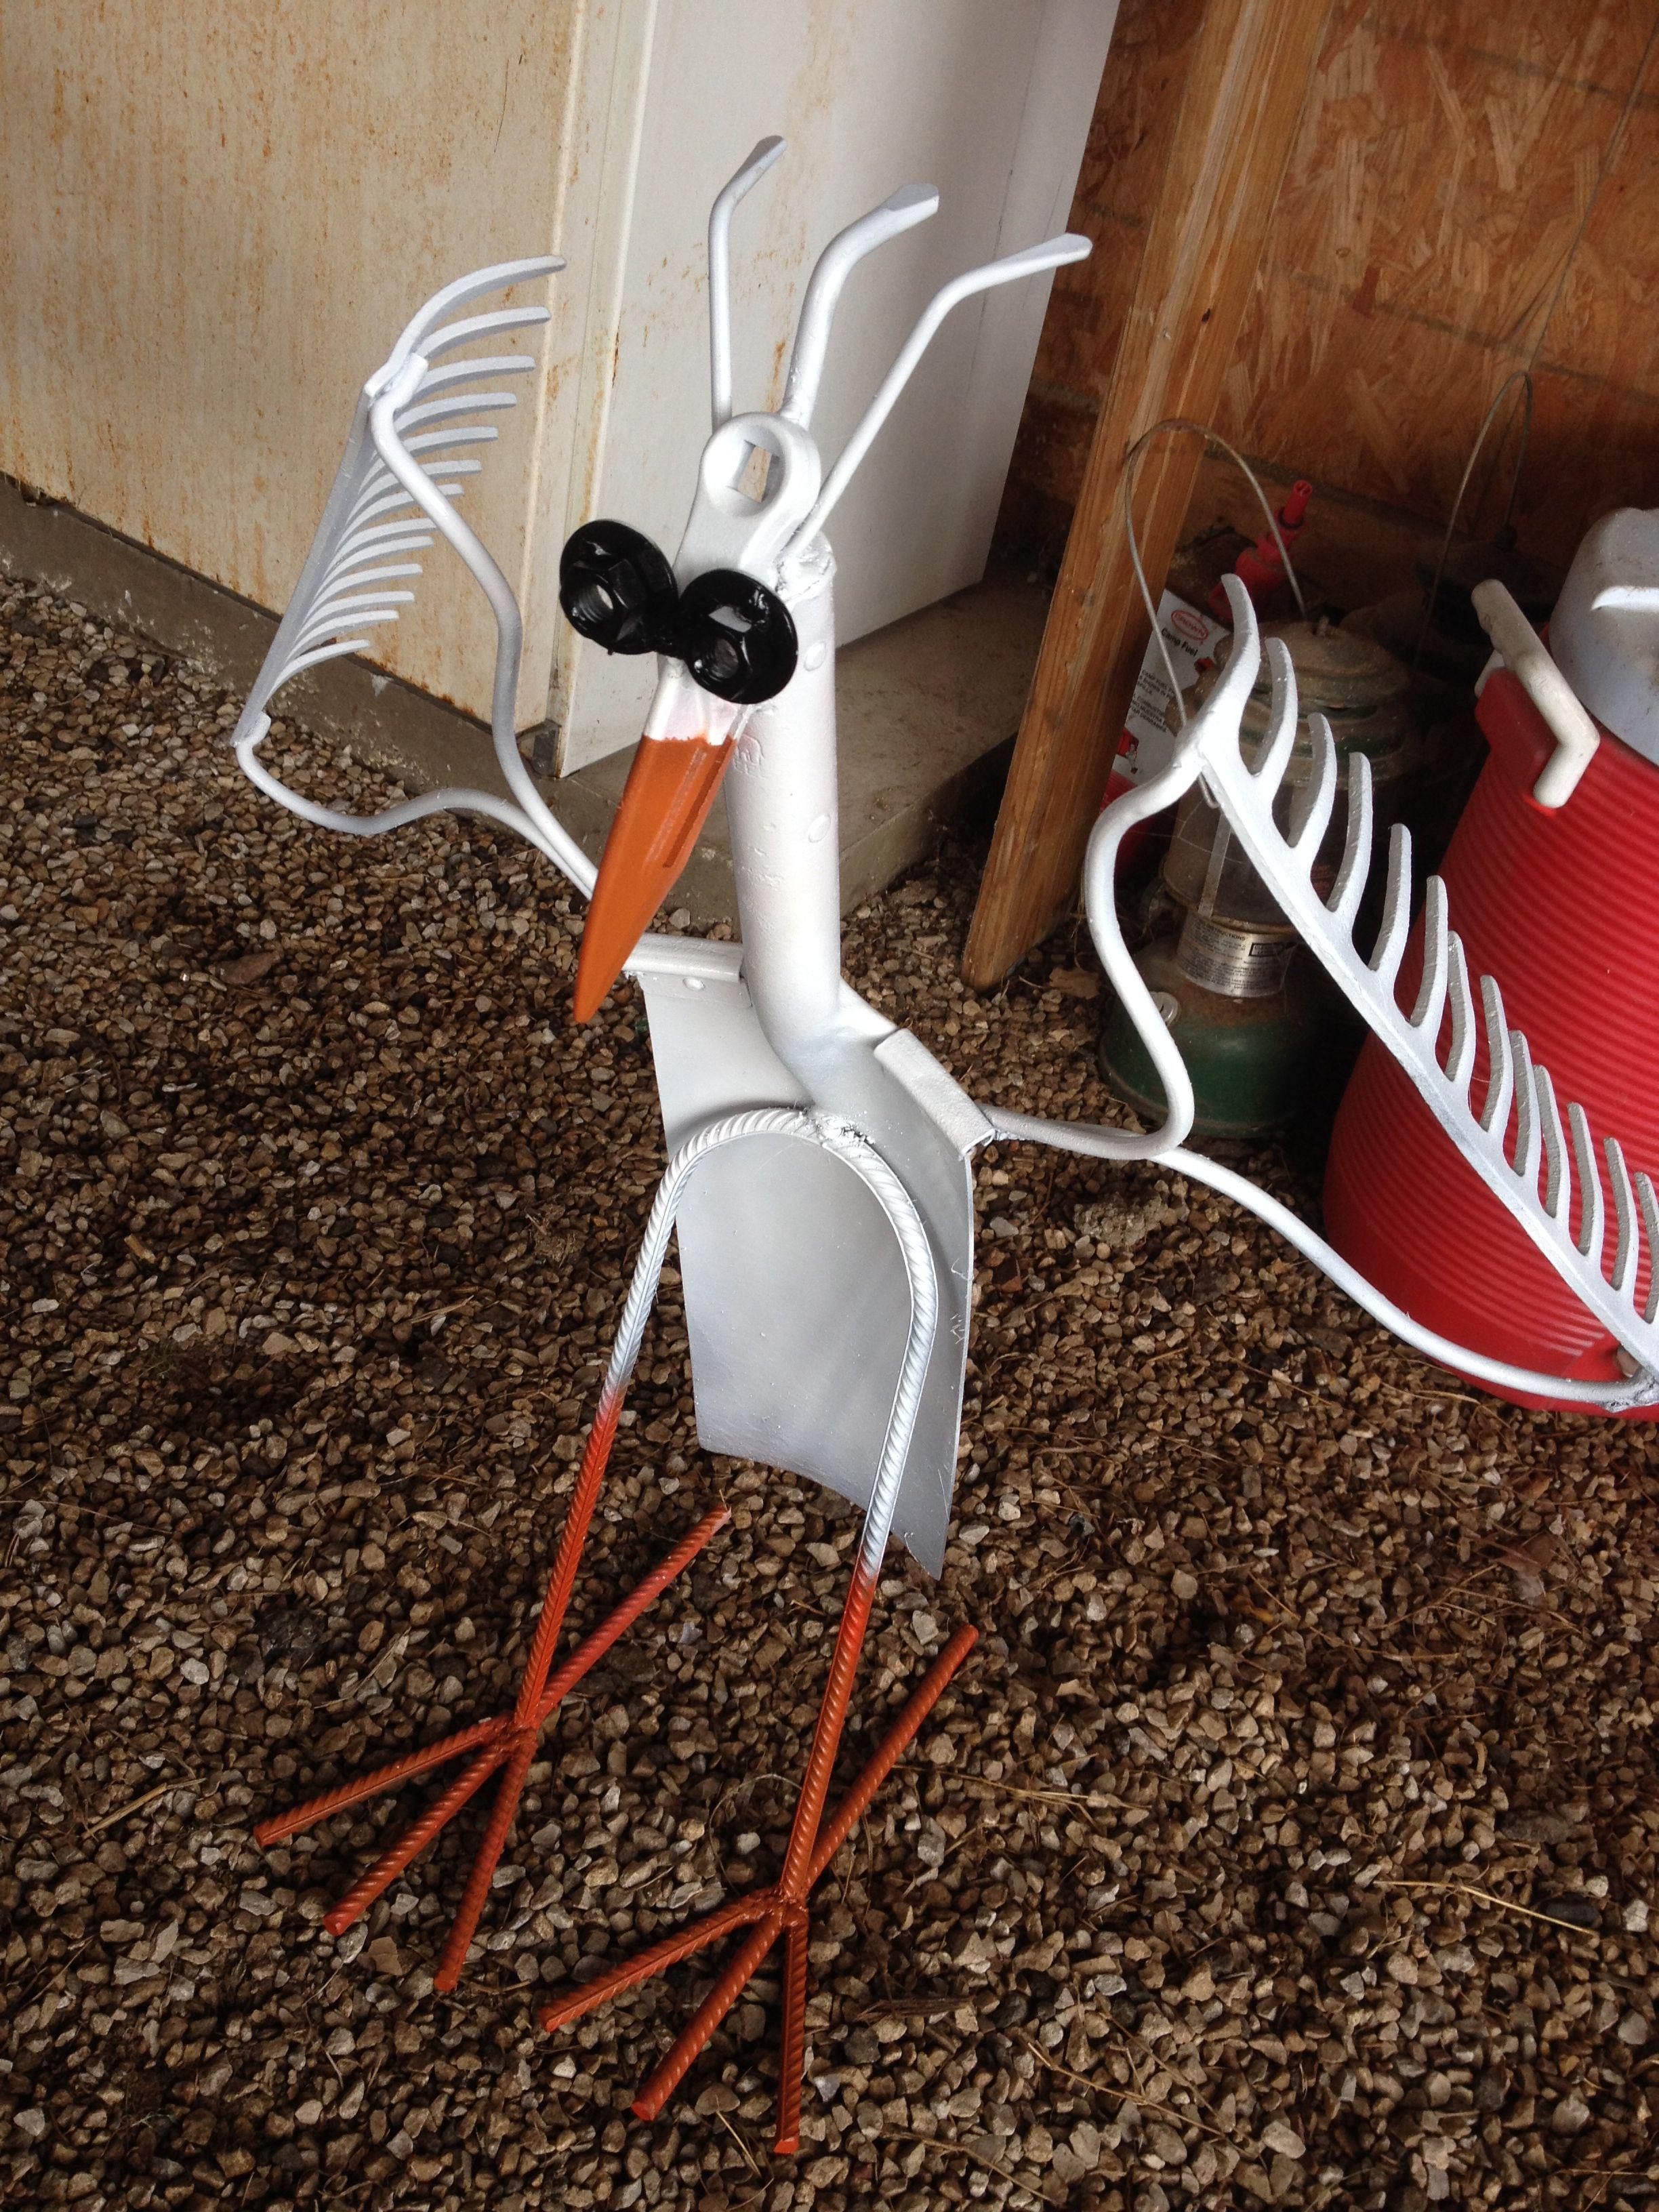 Artic shovel bird